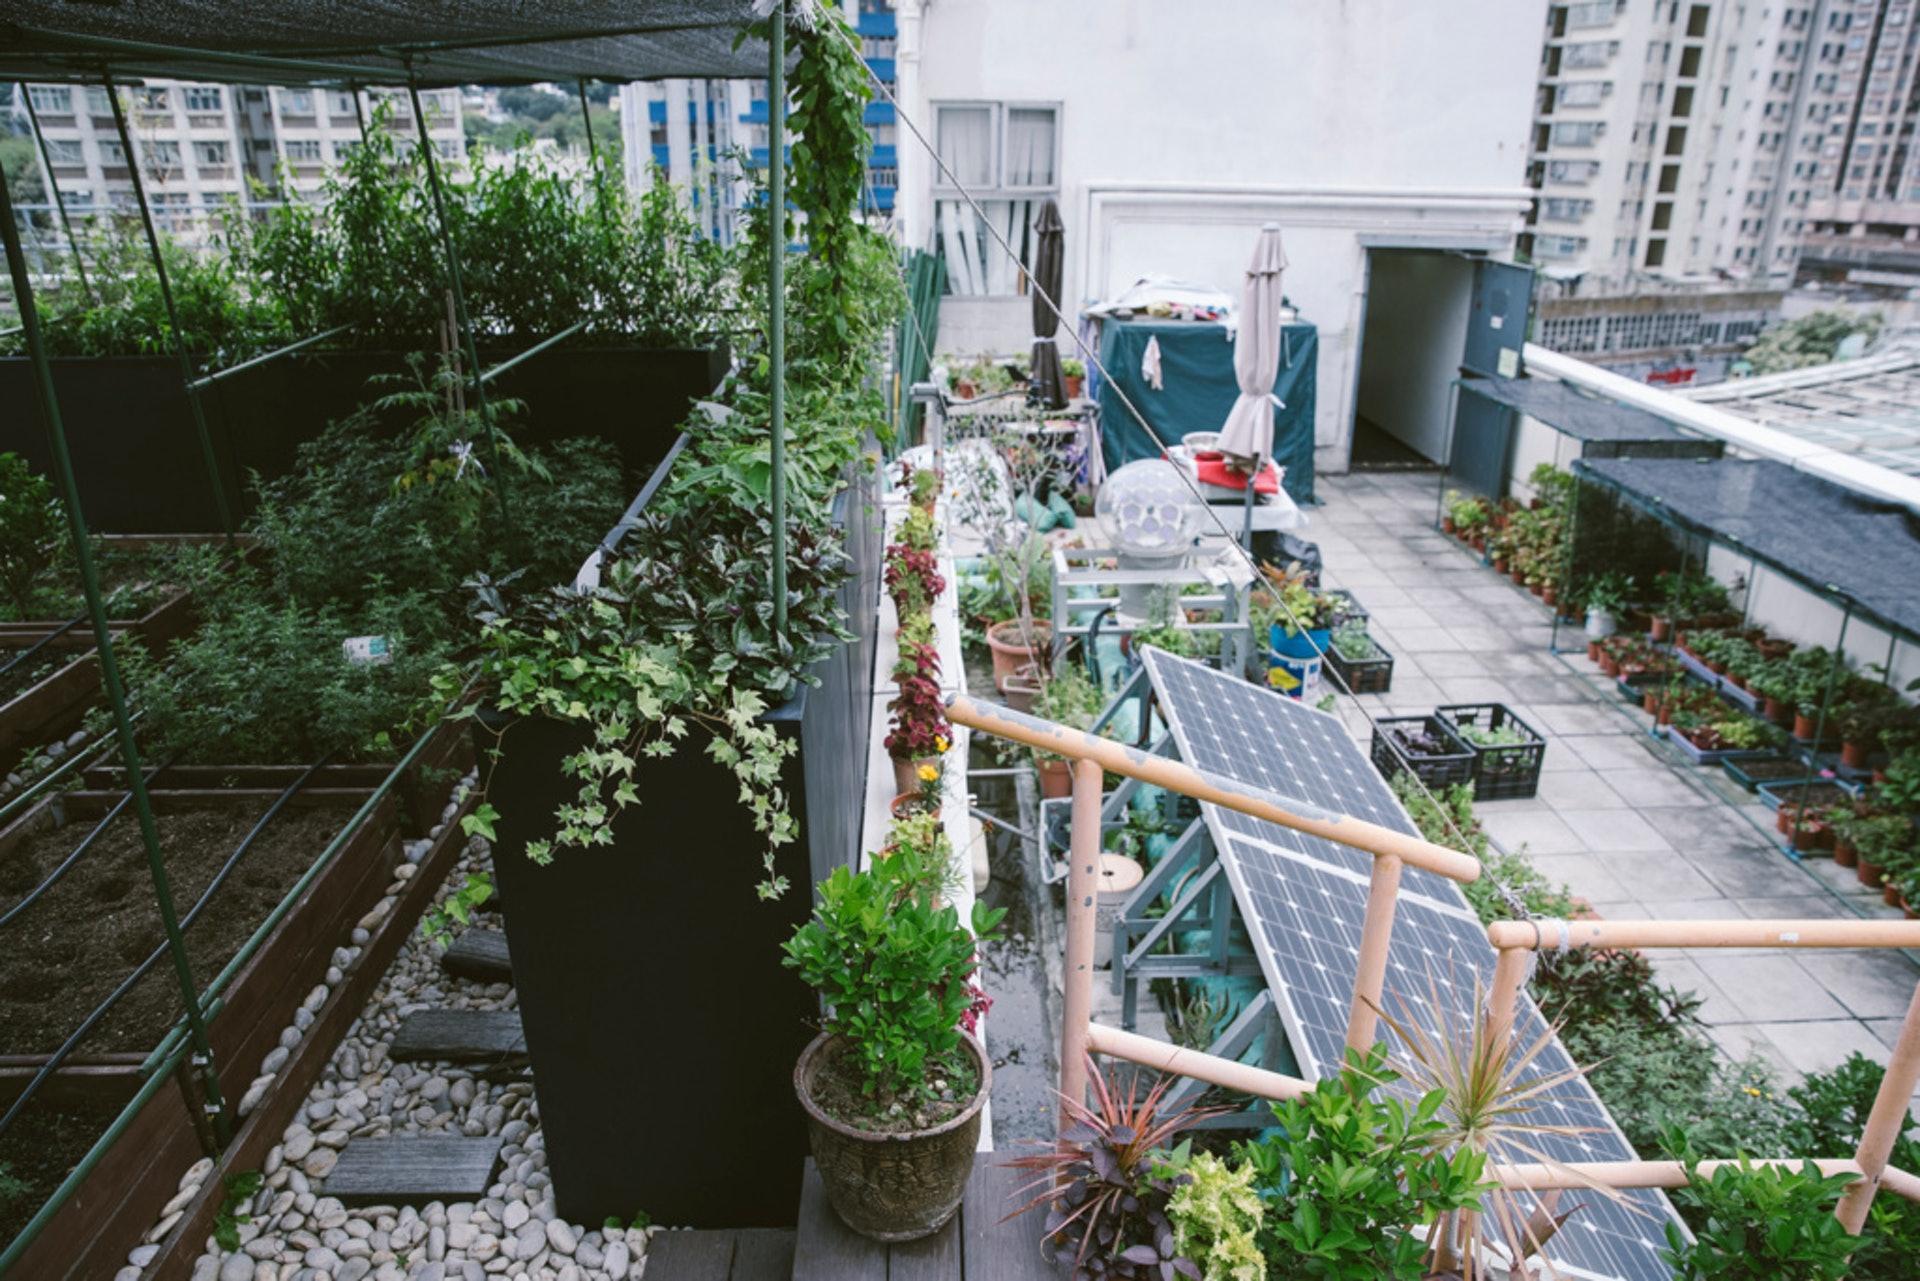 日式天台花園,簡約幽雅,出自花王的心思。(鄭子峰攝)